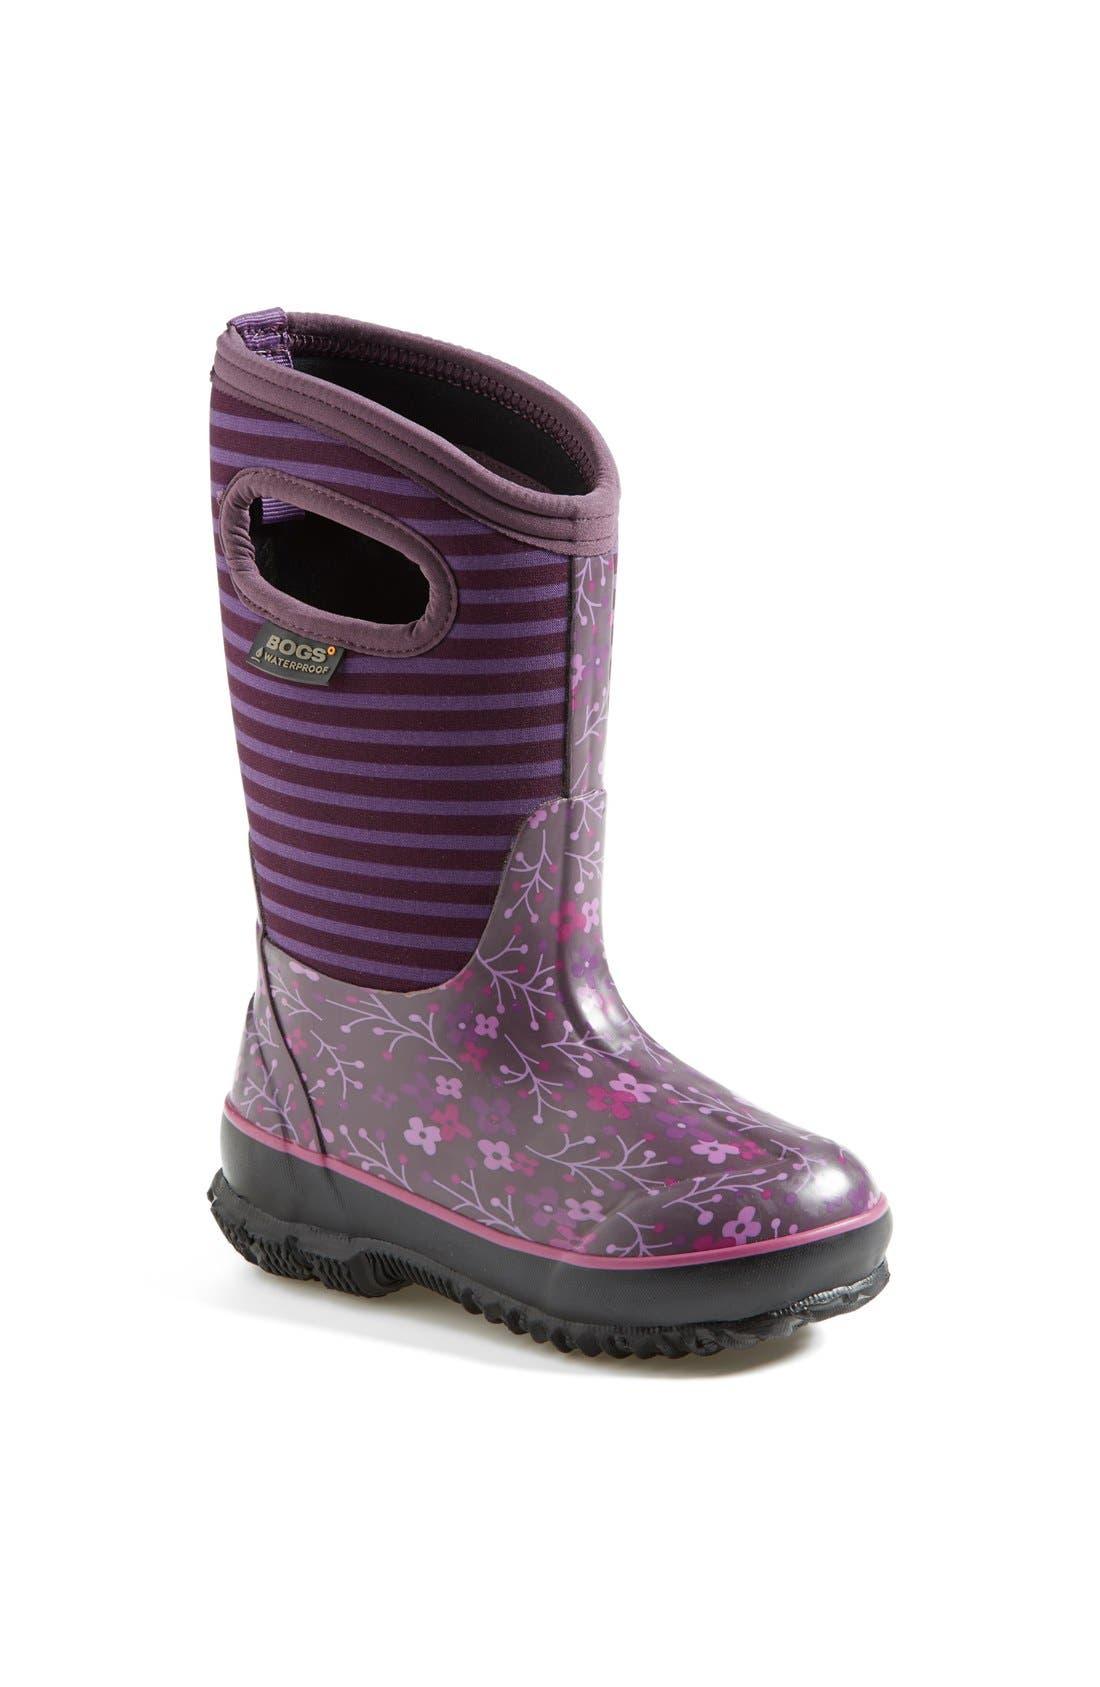 Alternate Image 1 Selected - Bogs 'Classic - Flower Stripe' Waterproof Boot (Little Kid & Big Kid)